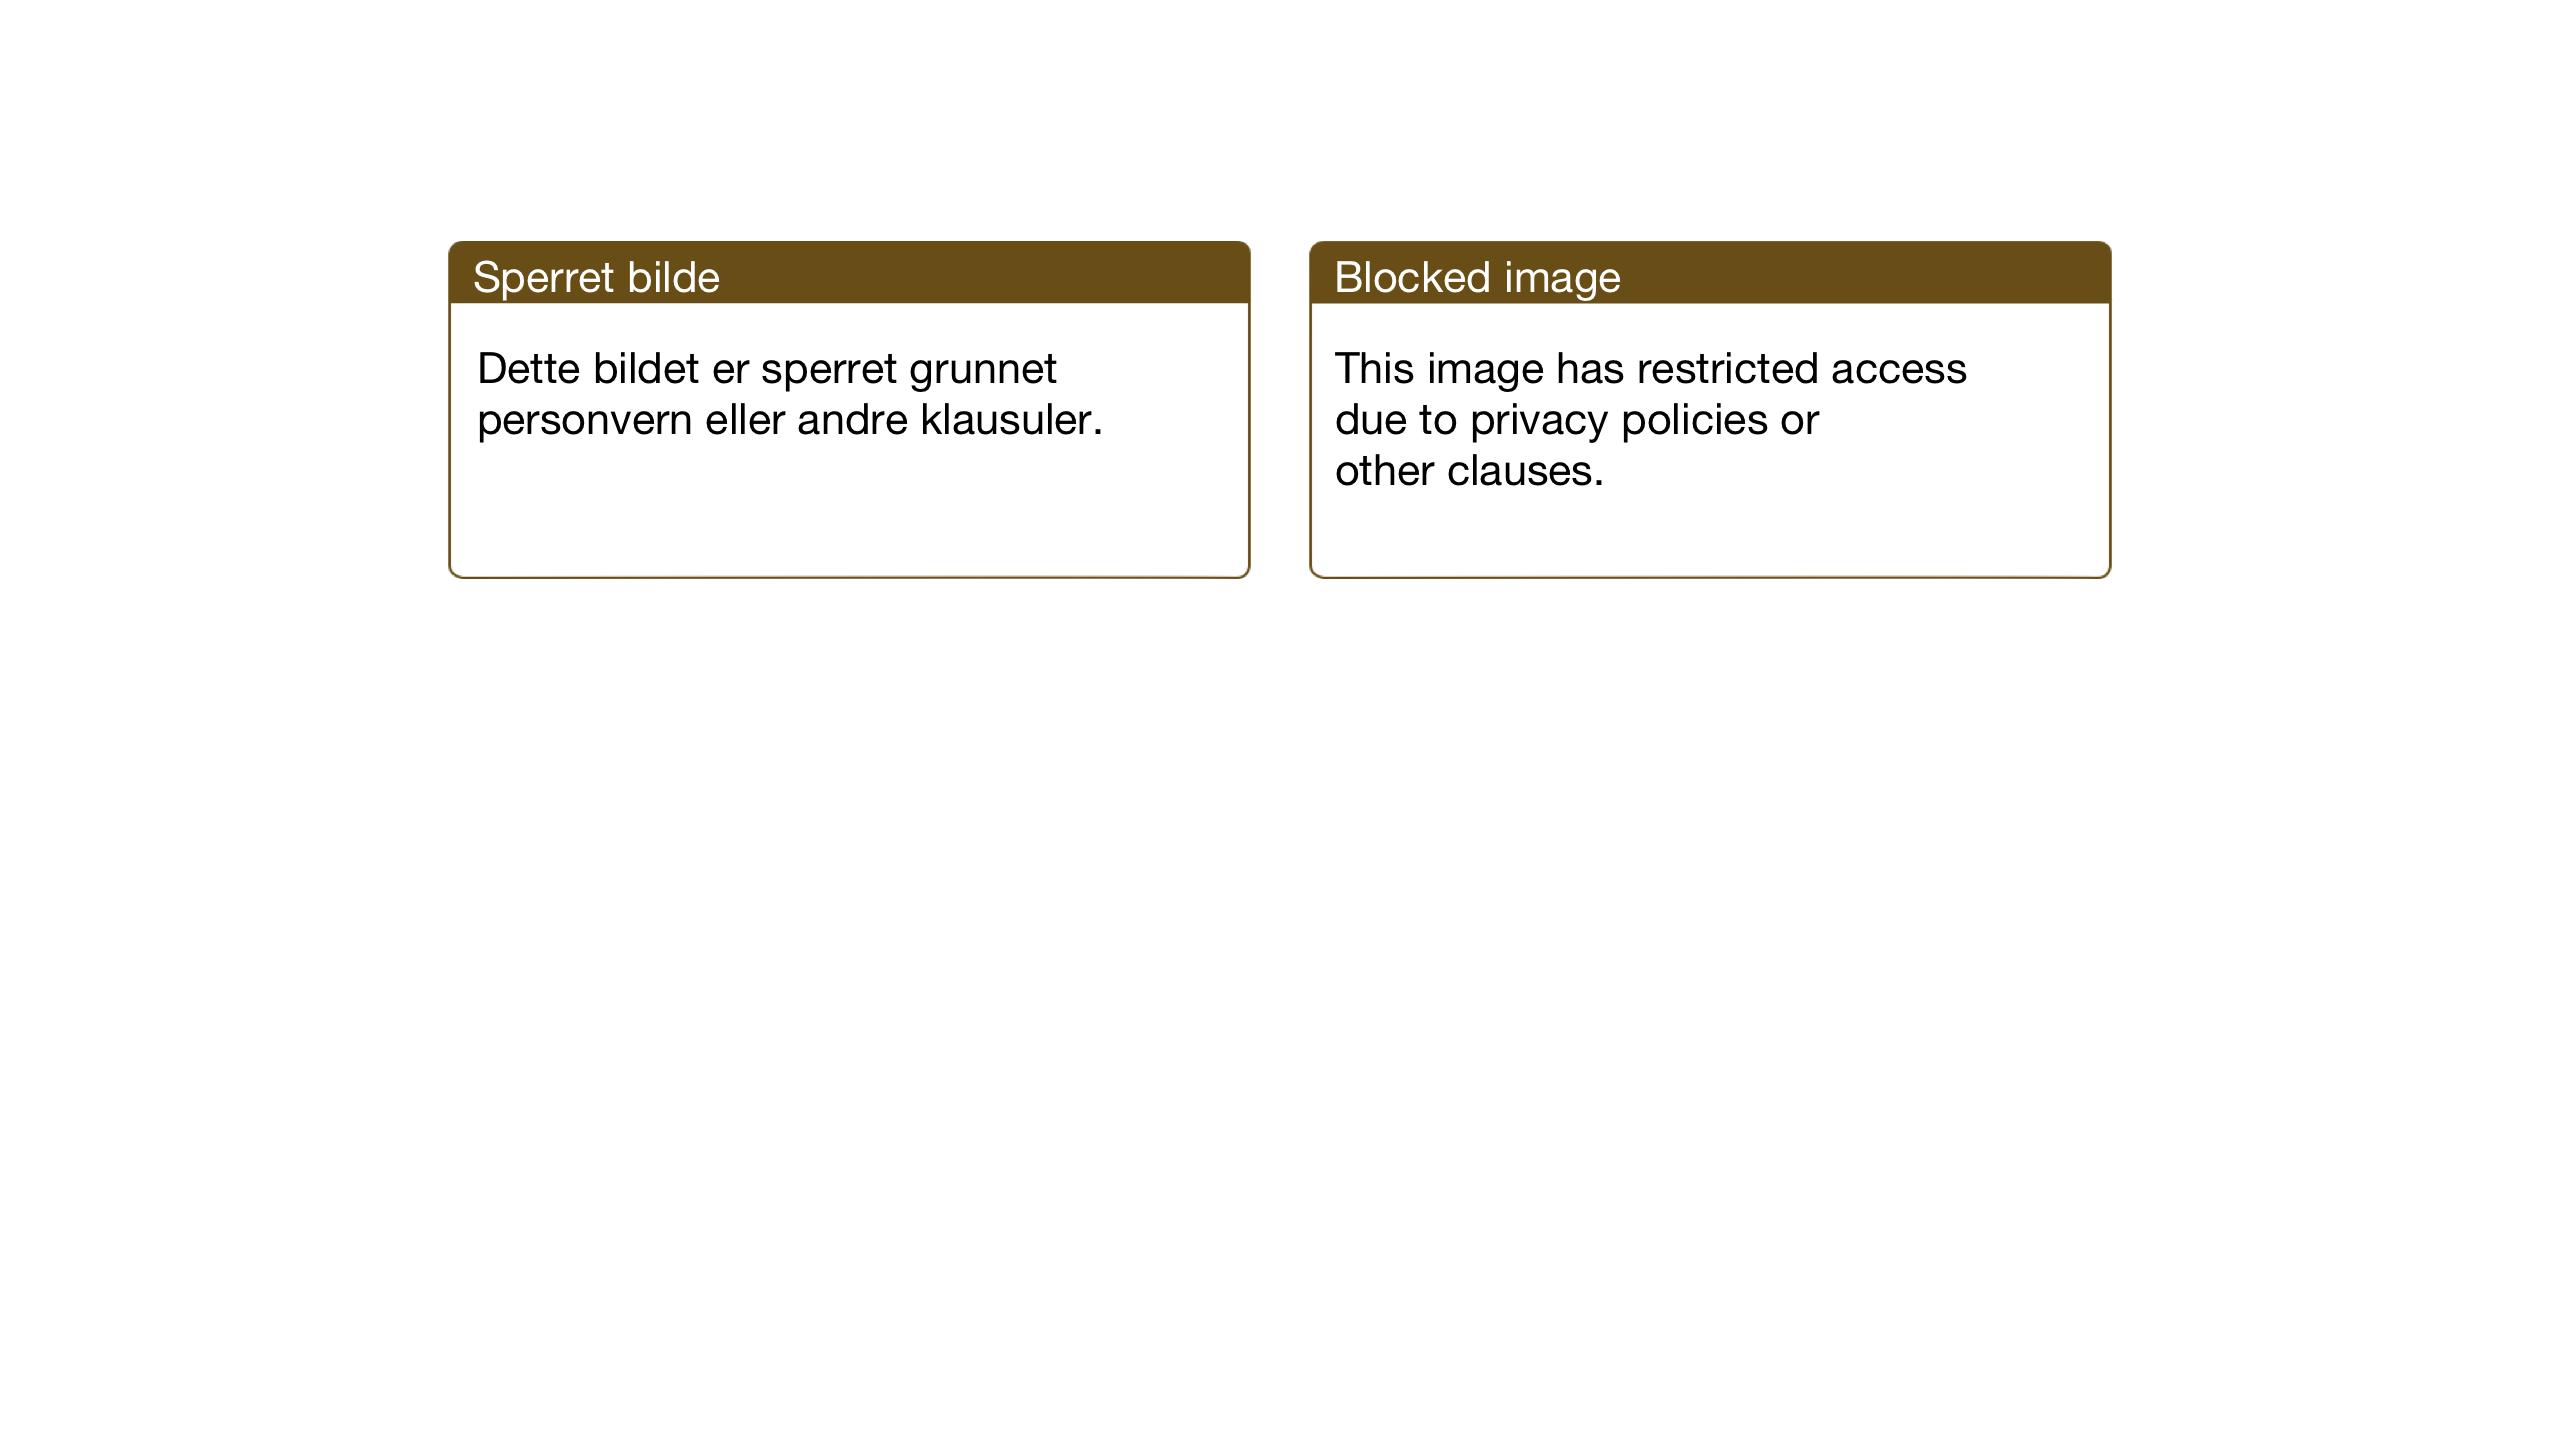 SAT, Ministerialprotokoller, klokkerbøker og fødselsregistre - Sør-Trøndelag, 655/L0690: Klokkerbok nr. 655C06, 1937-1950, s. 71